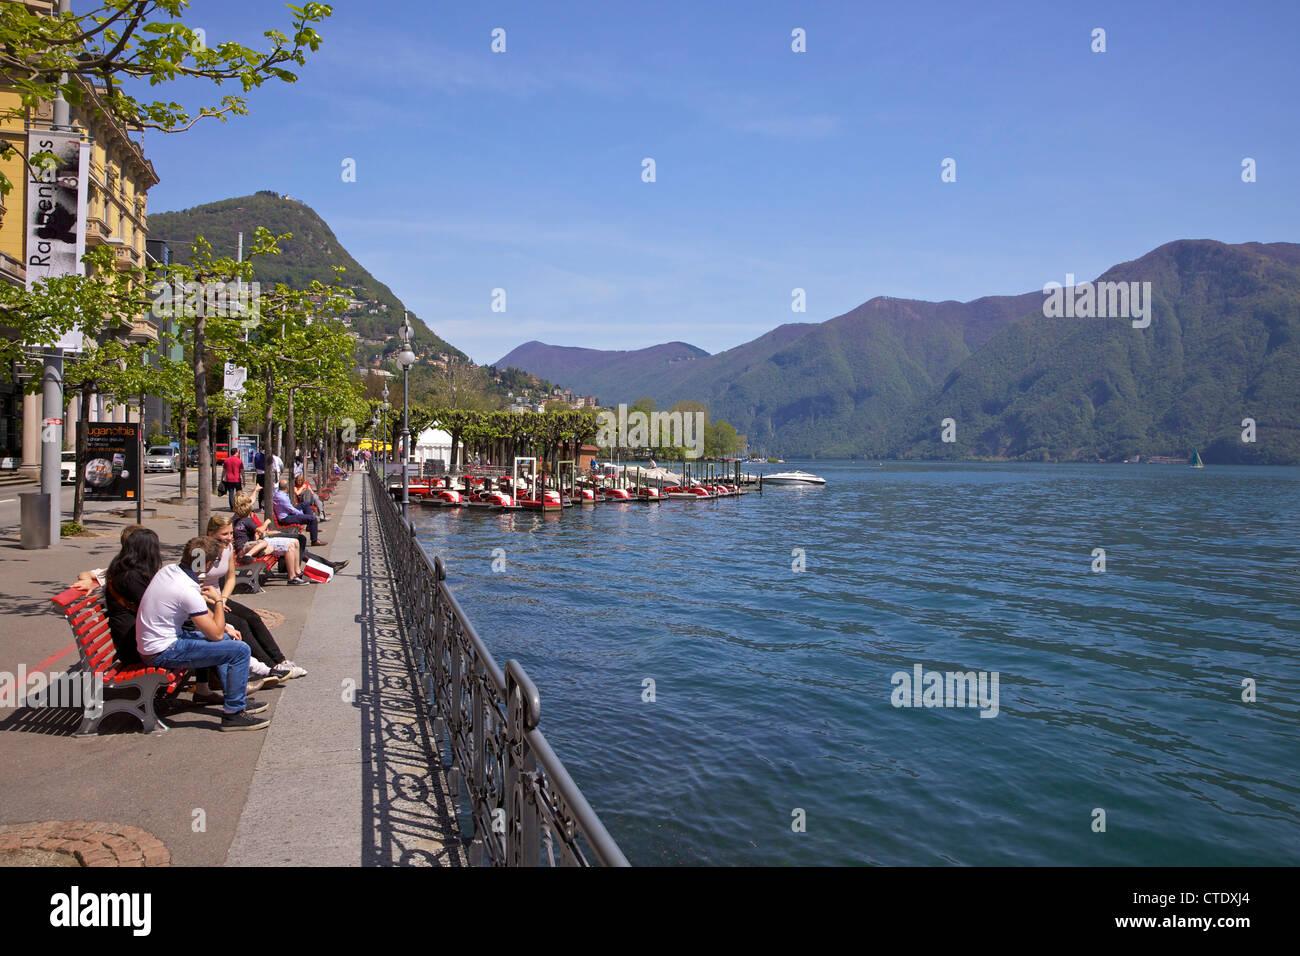 Los visitantes disfrutando del sol junto al lago, la ciudad de Lugano, el lago de Lugano, Ticino, Suiza, Europa Imagen De Stock